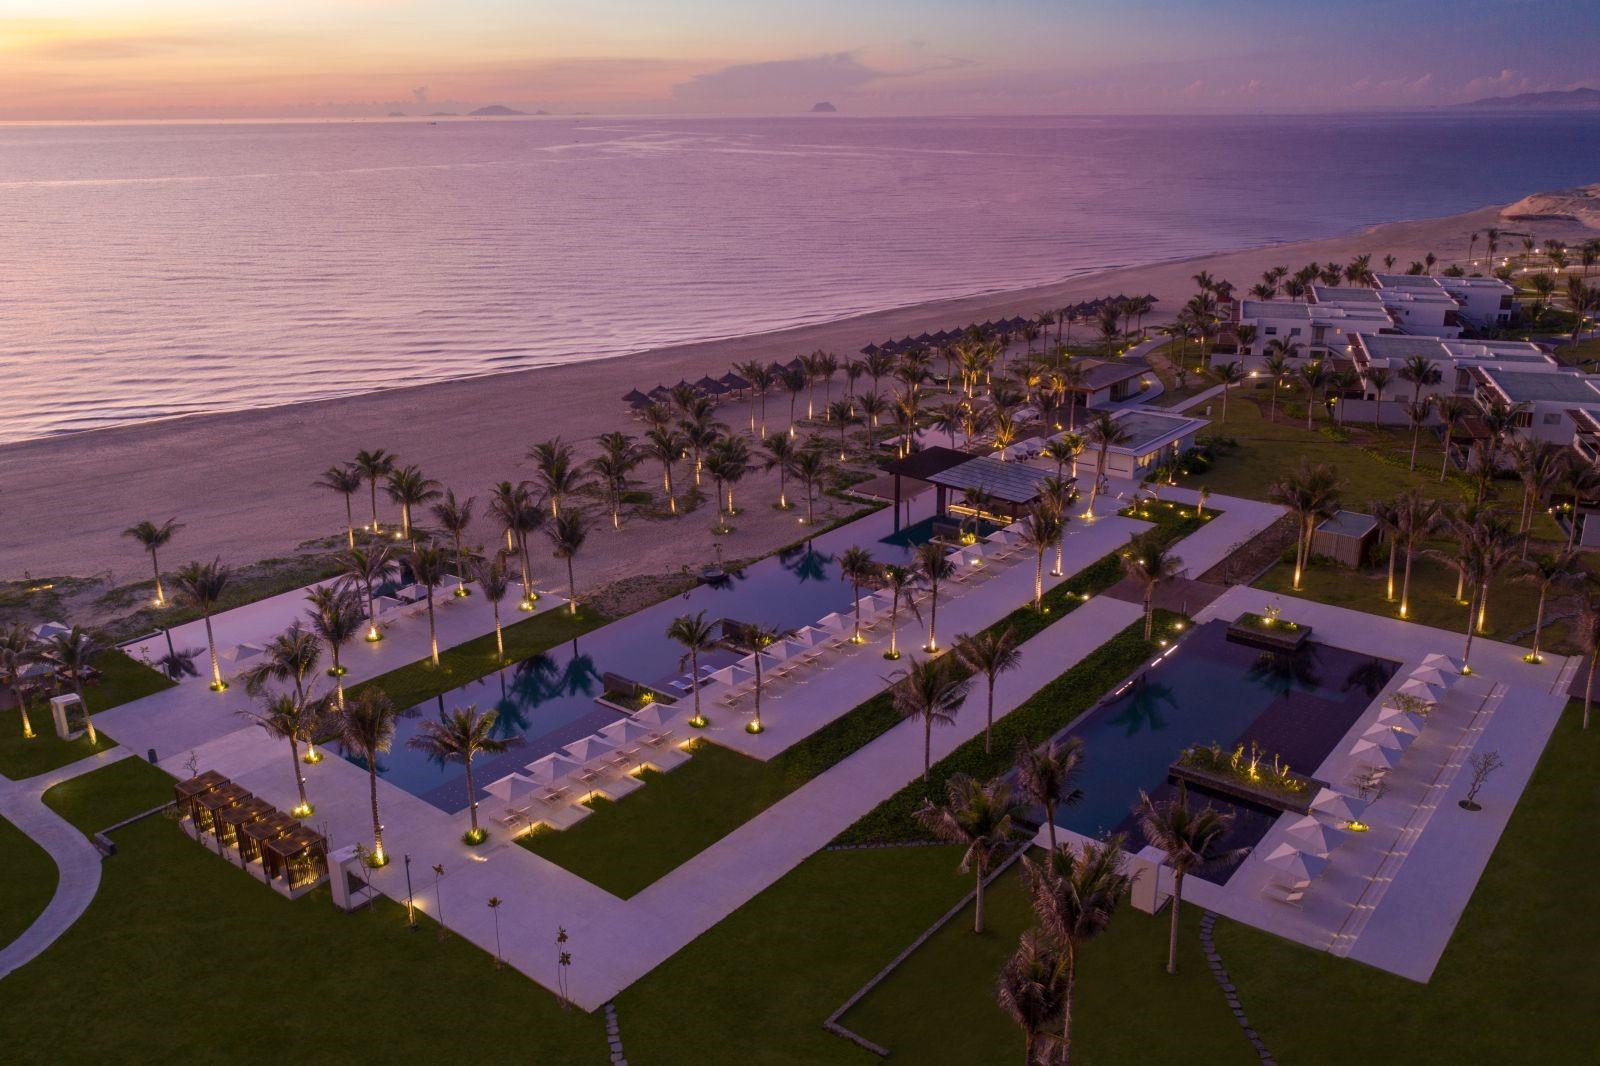 Resort theo mô hình sở hữu kỳ nghỉ đáp ứng đủ tiêu chí: cao cấp – chan hòa với thiên nhiên – dành cho gia đình